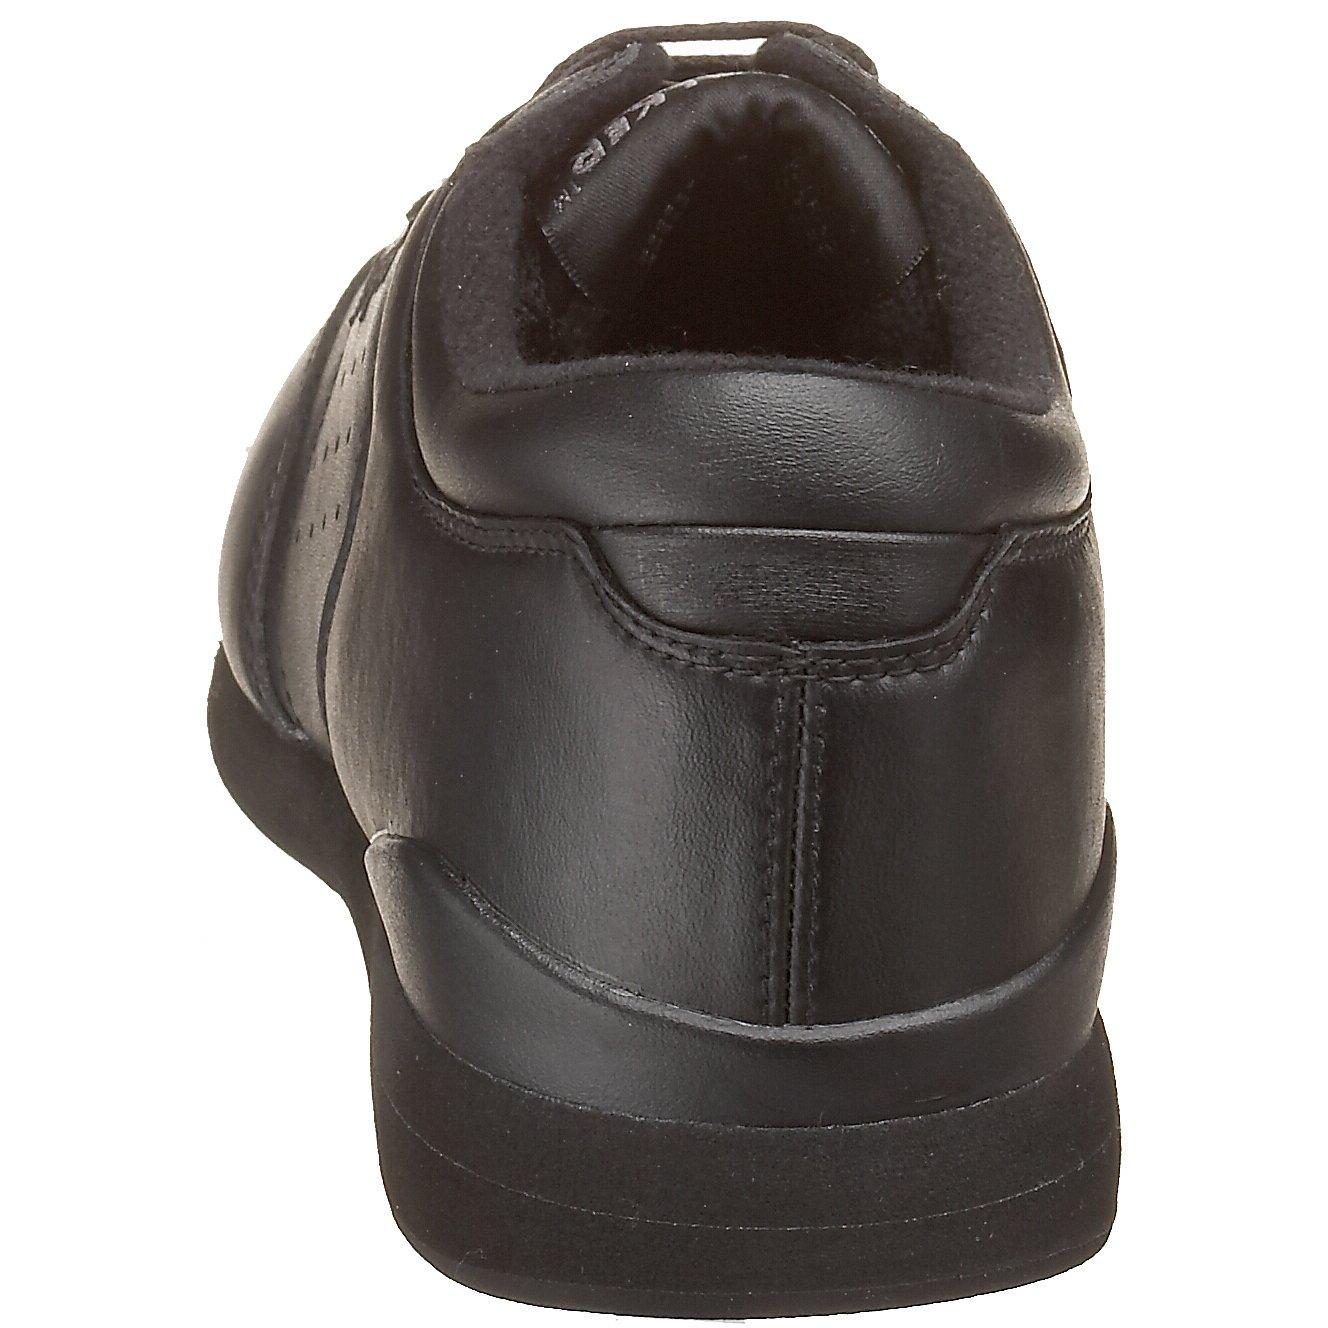 Propet Women's W3804 Life Walker Sneaker B000BO11ZS 10 M (US Women's 10 B) Black